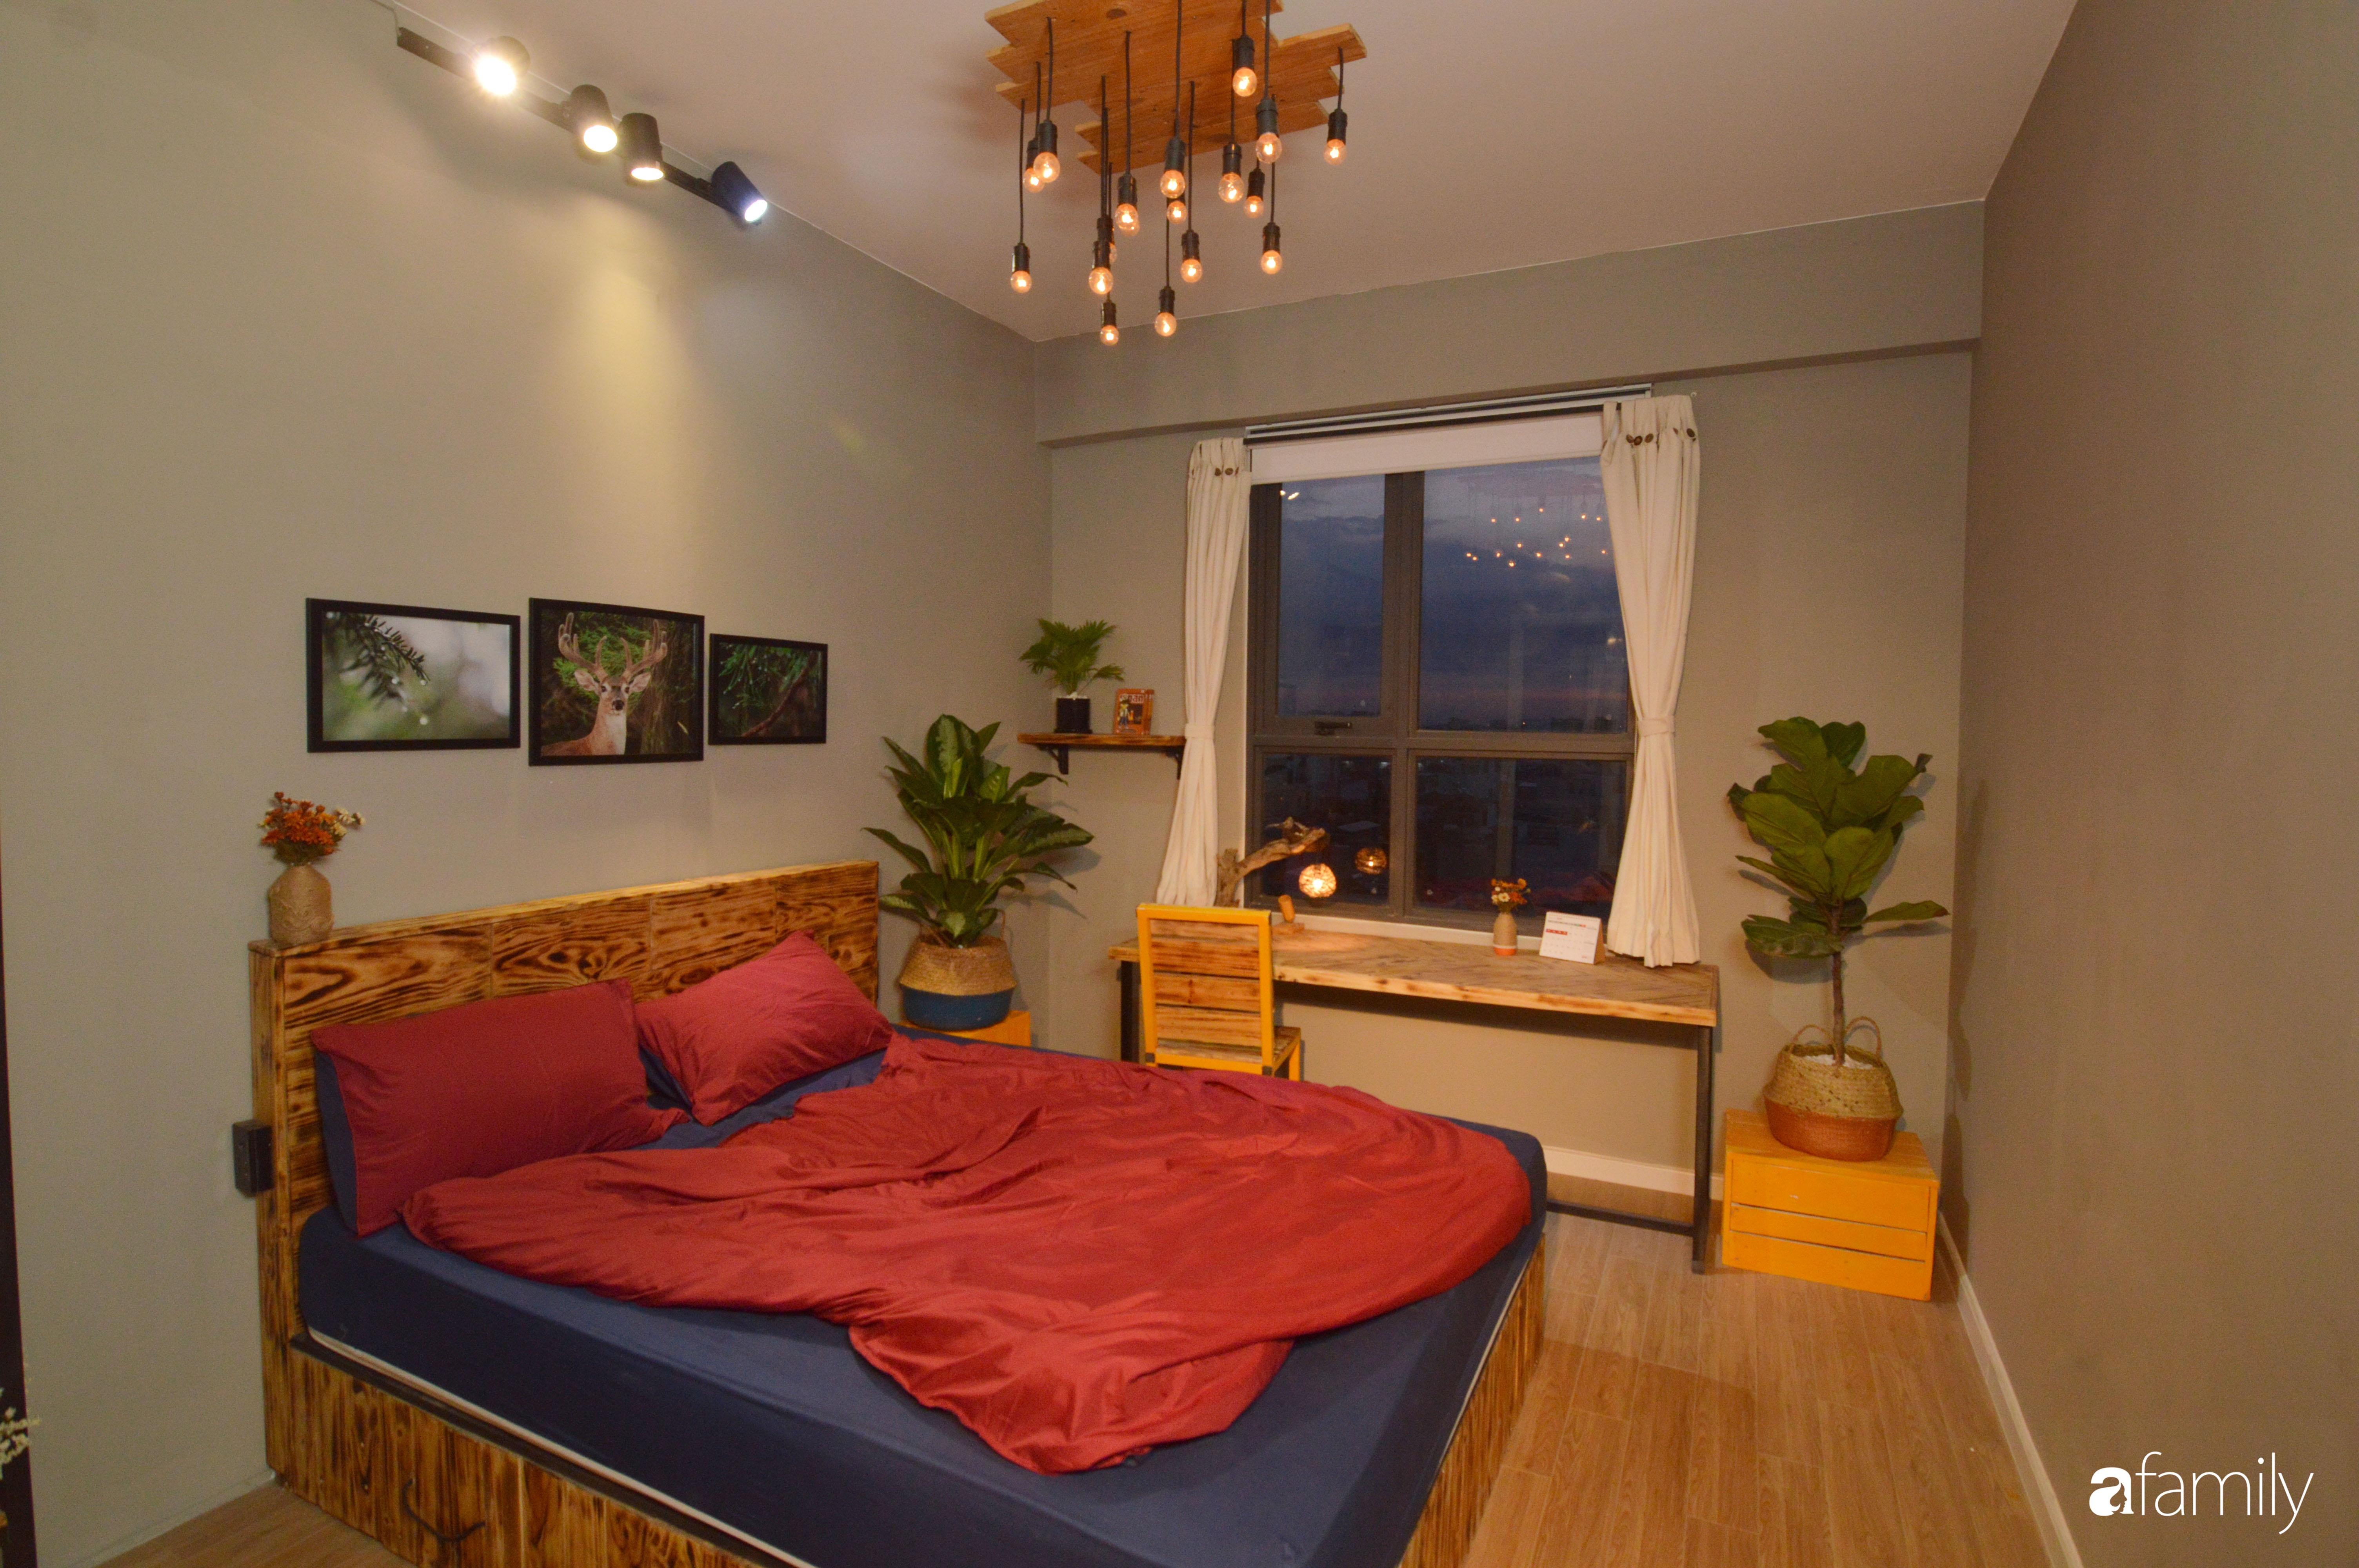 Tự phá bỏ các quy tắc décor thông thường, căn hộ Quận 7 của diễn viên Linh Sơn đẹp cá tính với điểm nhấn sắc đỏ nồng nàn - Ảnh 16.